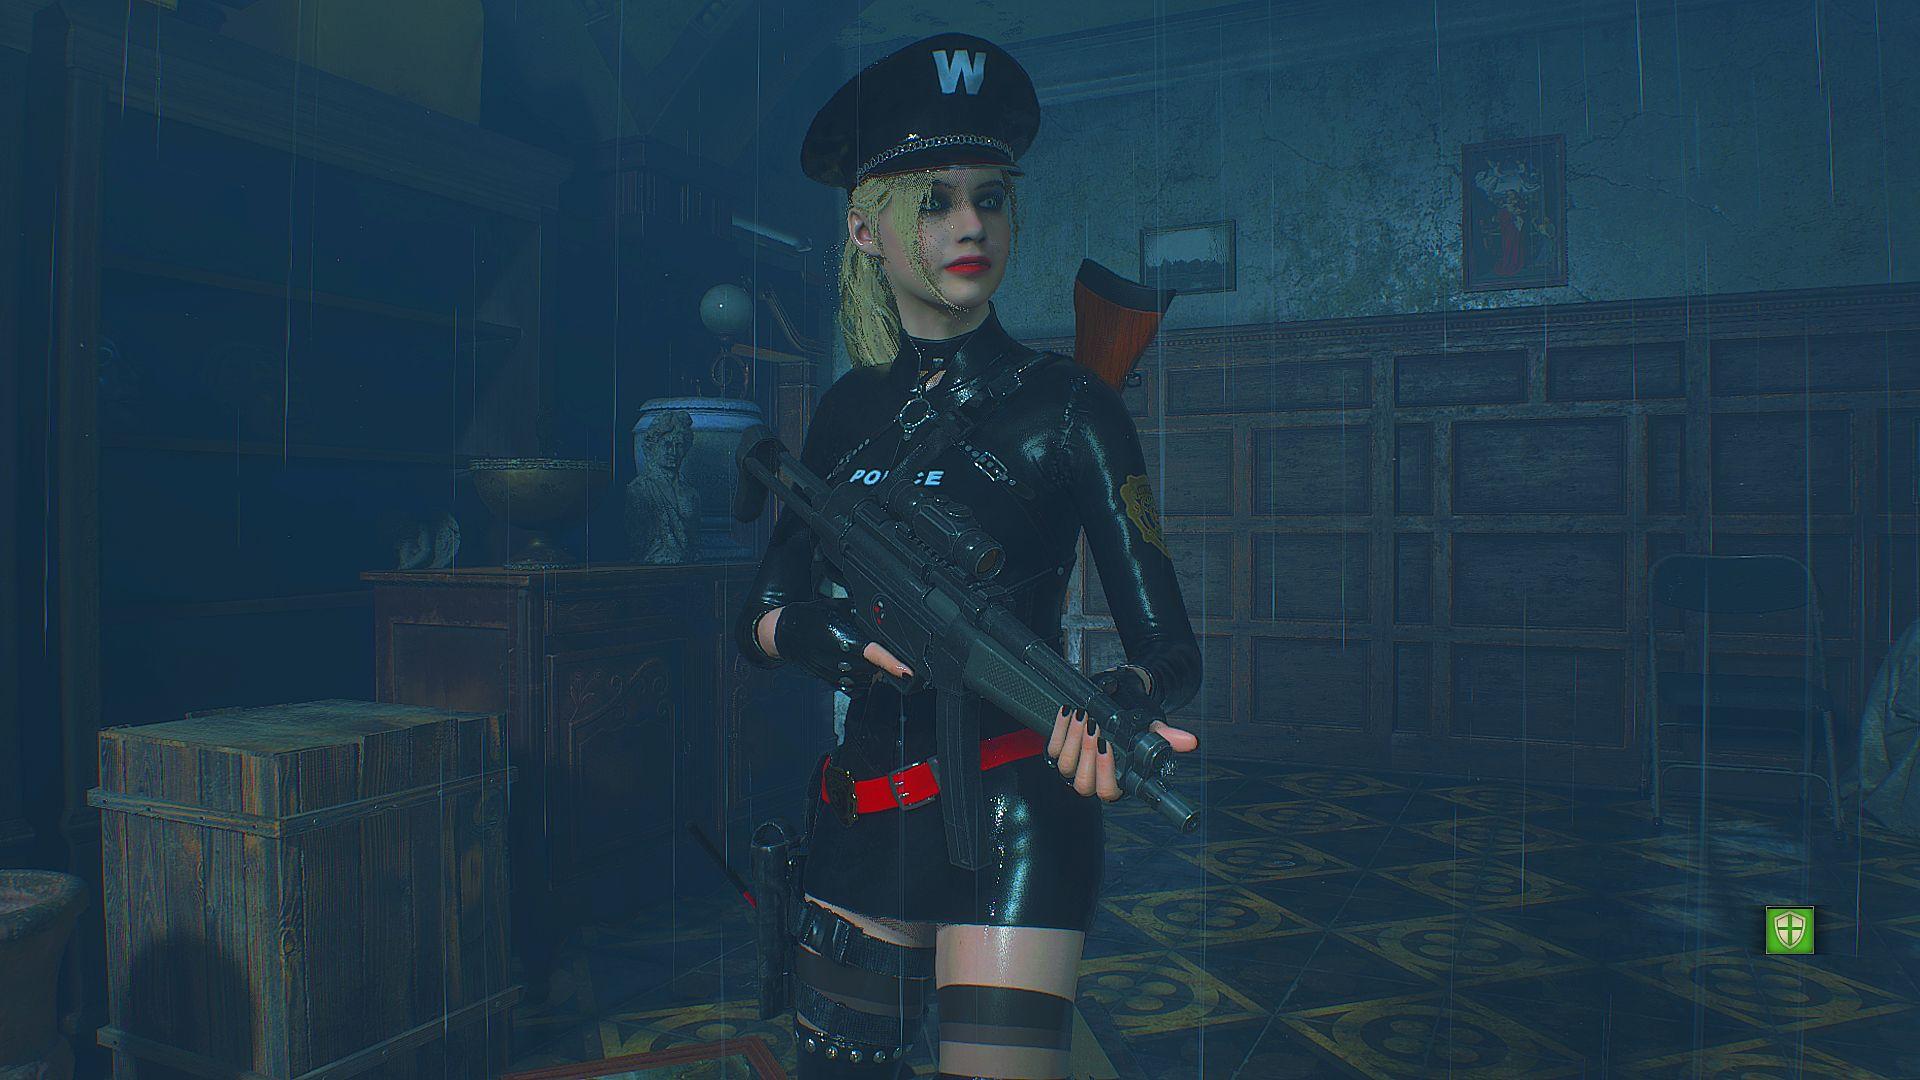 000114.Jpg - Resident Evil 2